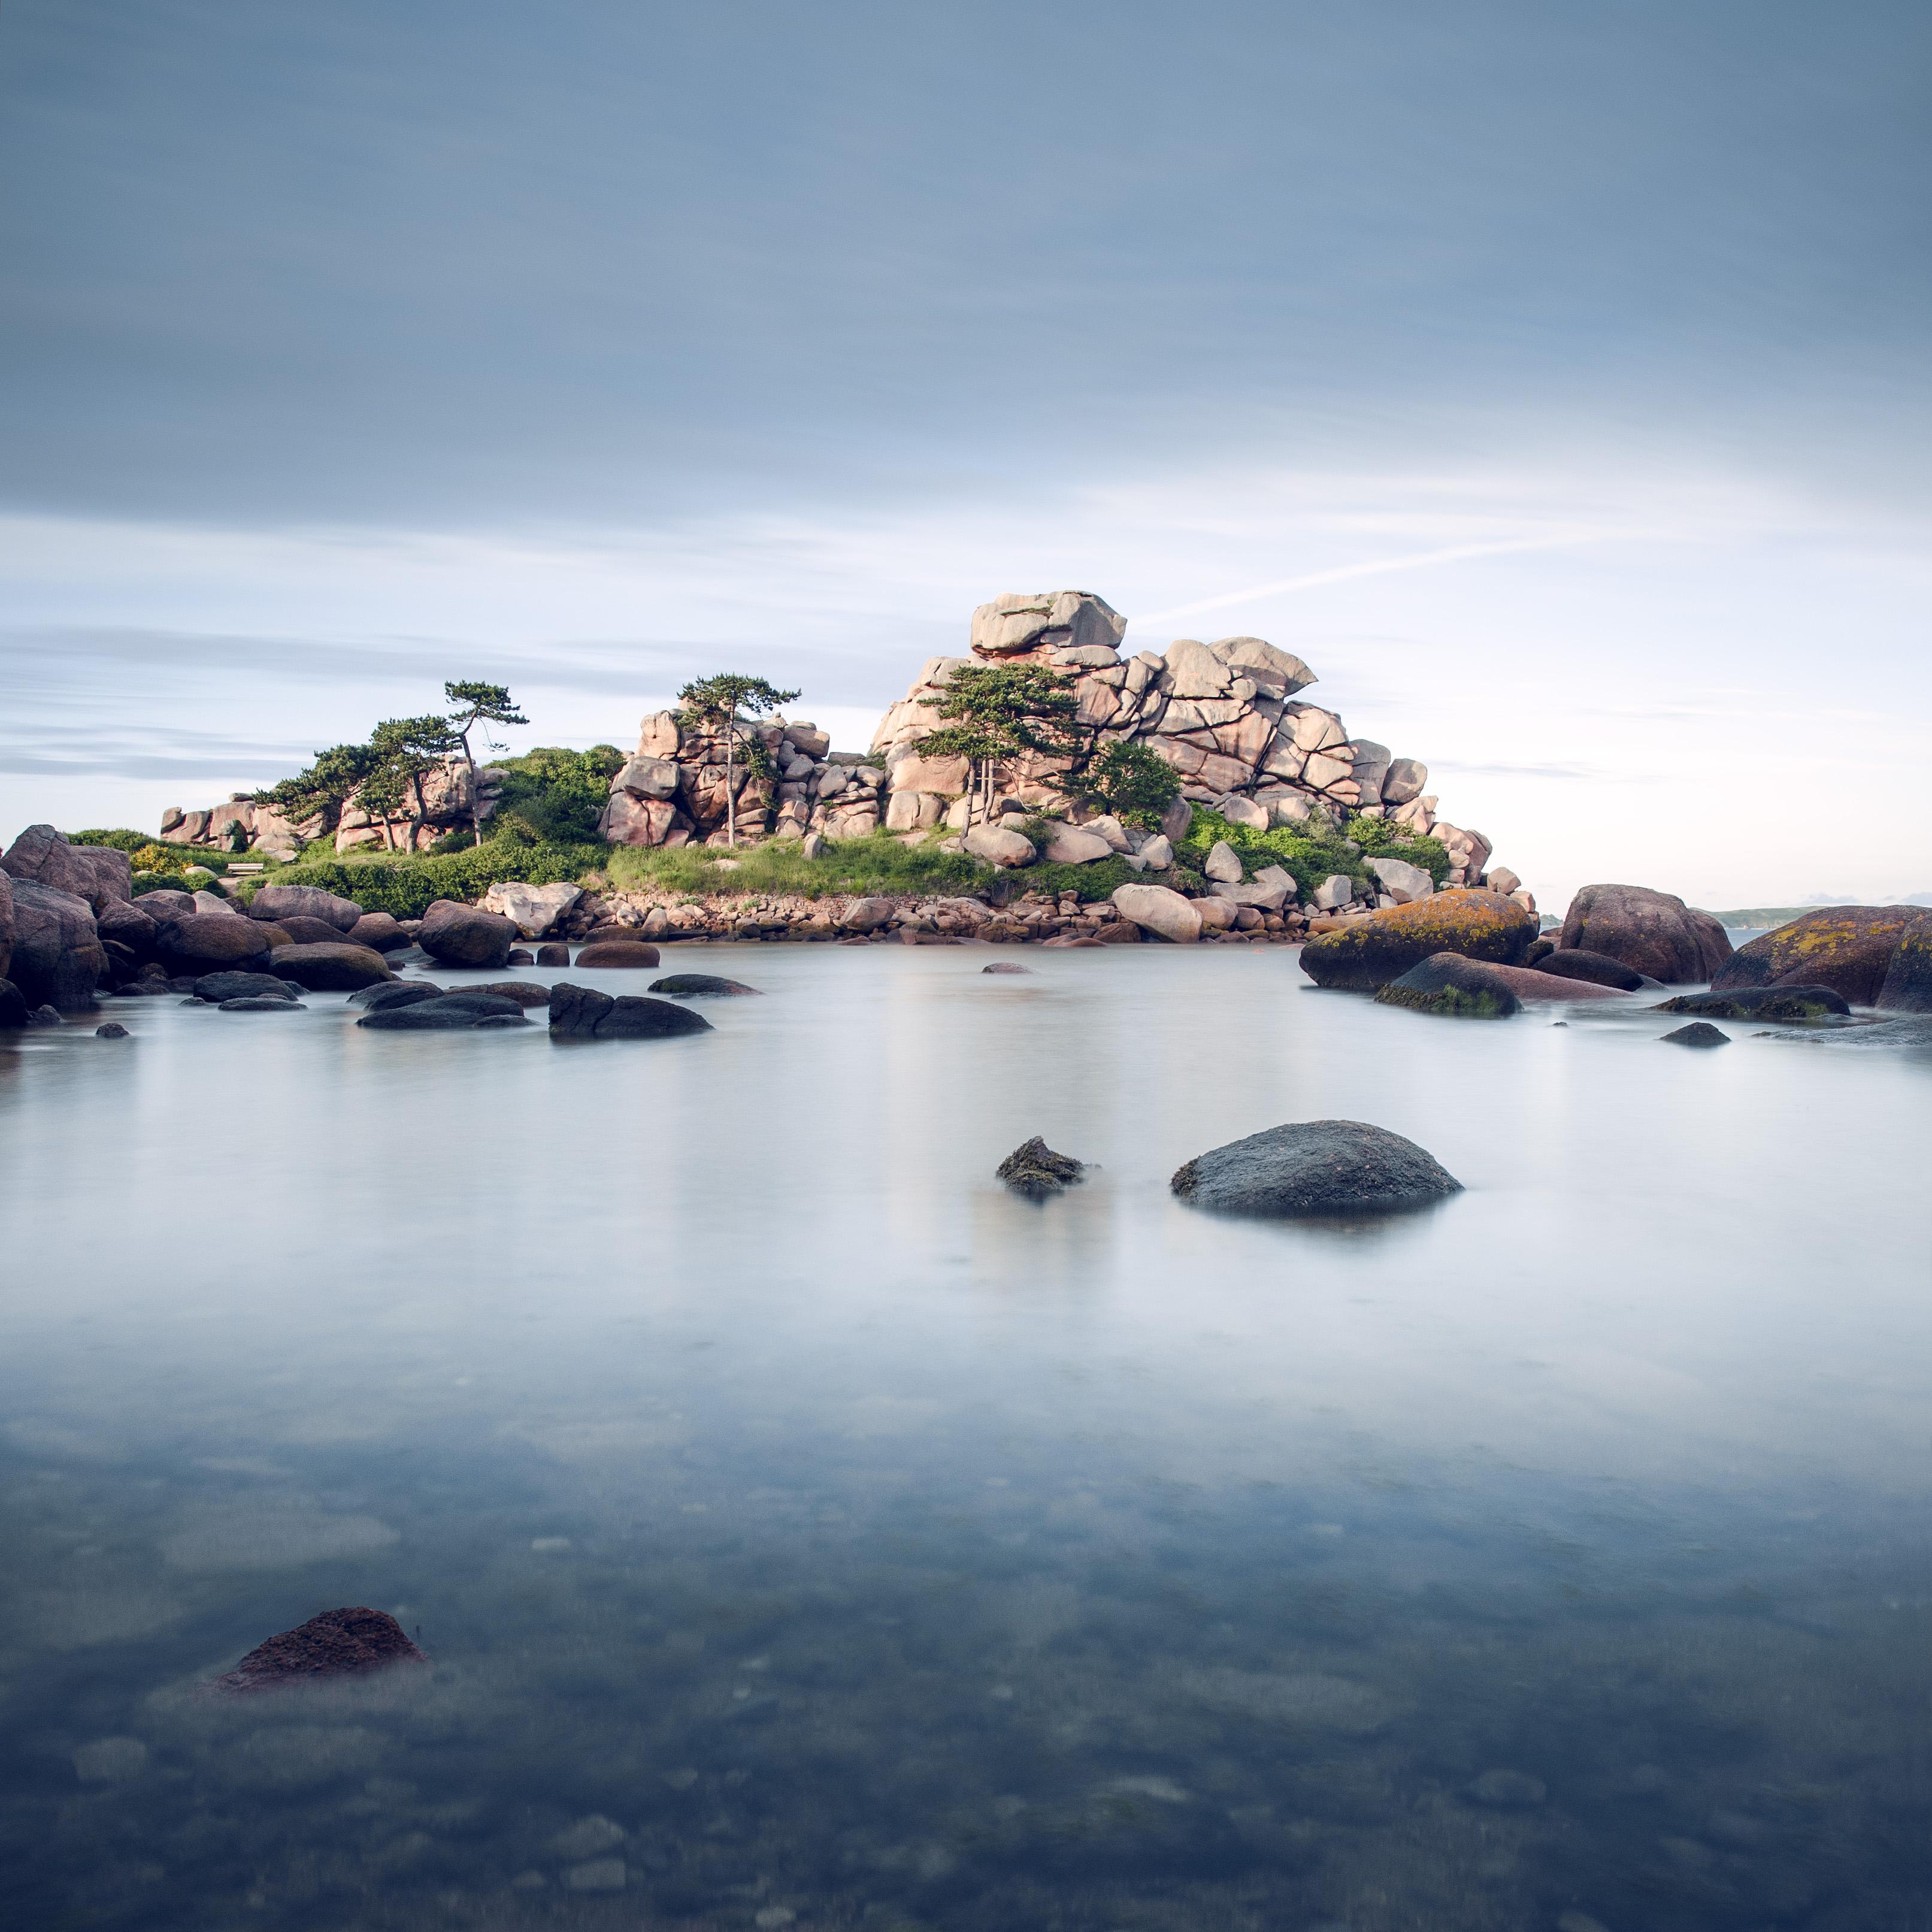 94434壁紙のダウンロード動物, 海, 岩, ストーンズ, フランス-スクリーンセーバーと写真を無料で